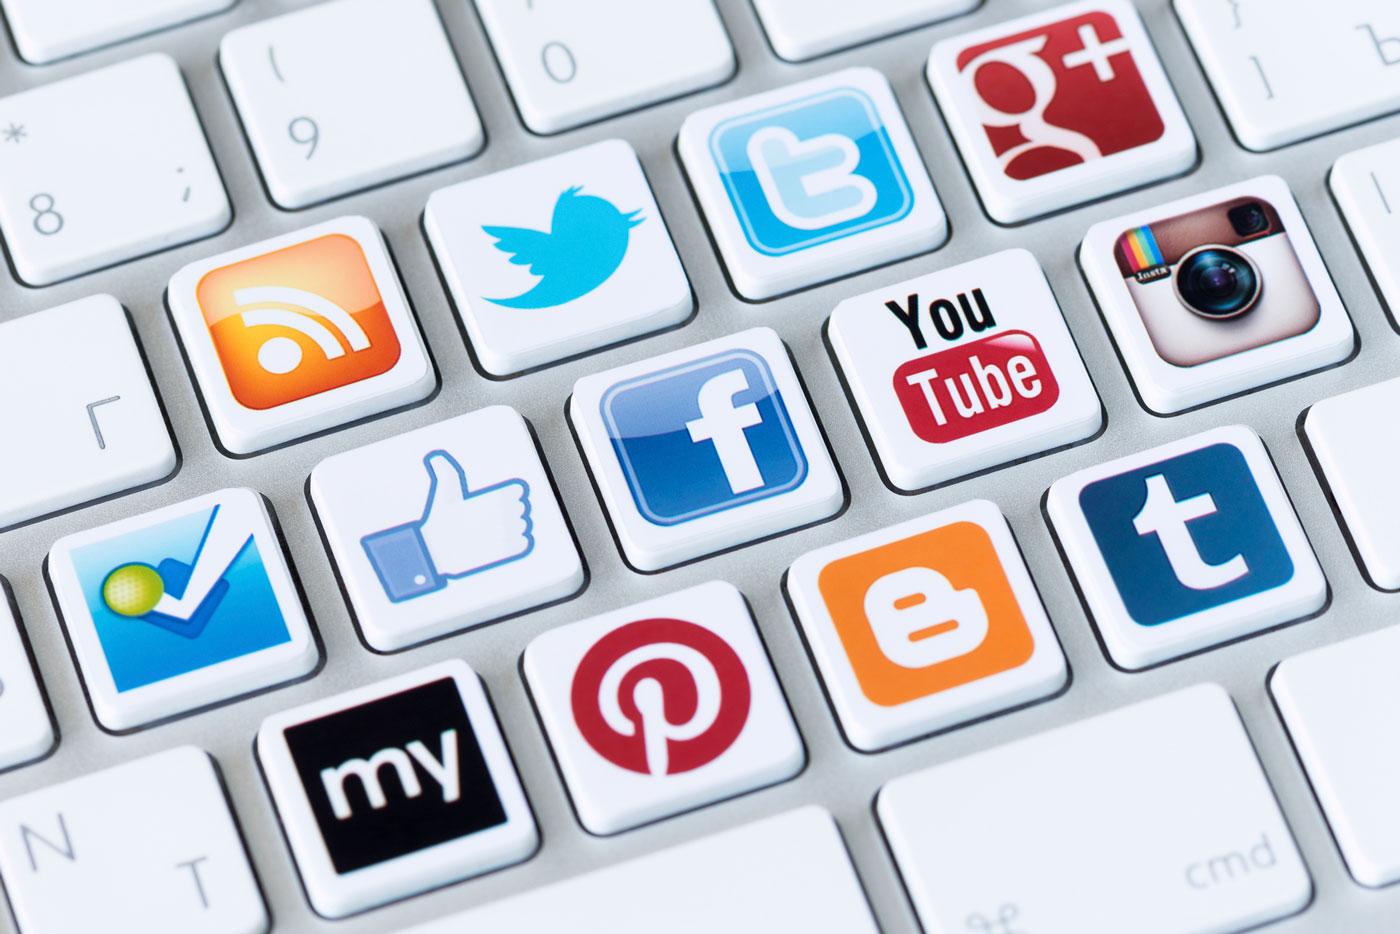 Хакеры прячут веб-скиммеры в кнопках социальных сетей